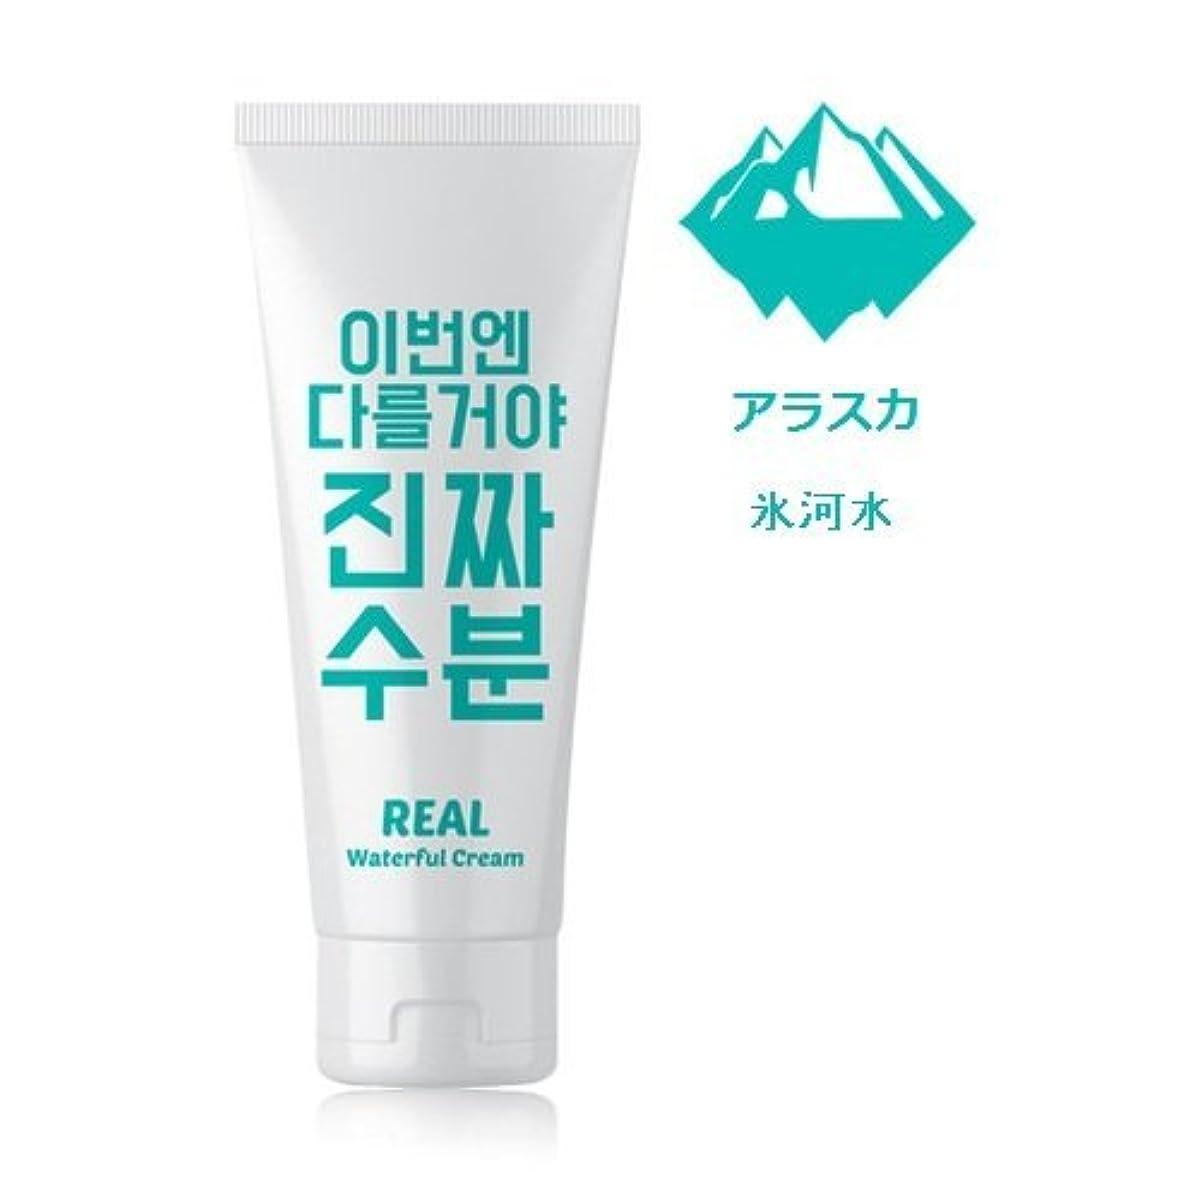 大腿知覚司書[1+1]Jaminkyung [FREE MARK] Real Waterful Cream 200g*2EA ジャミンギョン[フリーマーク]今度は違うぞ!! 本当の水分クリーム [並行輸入品]